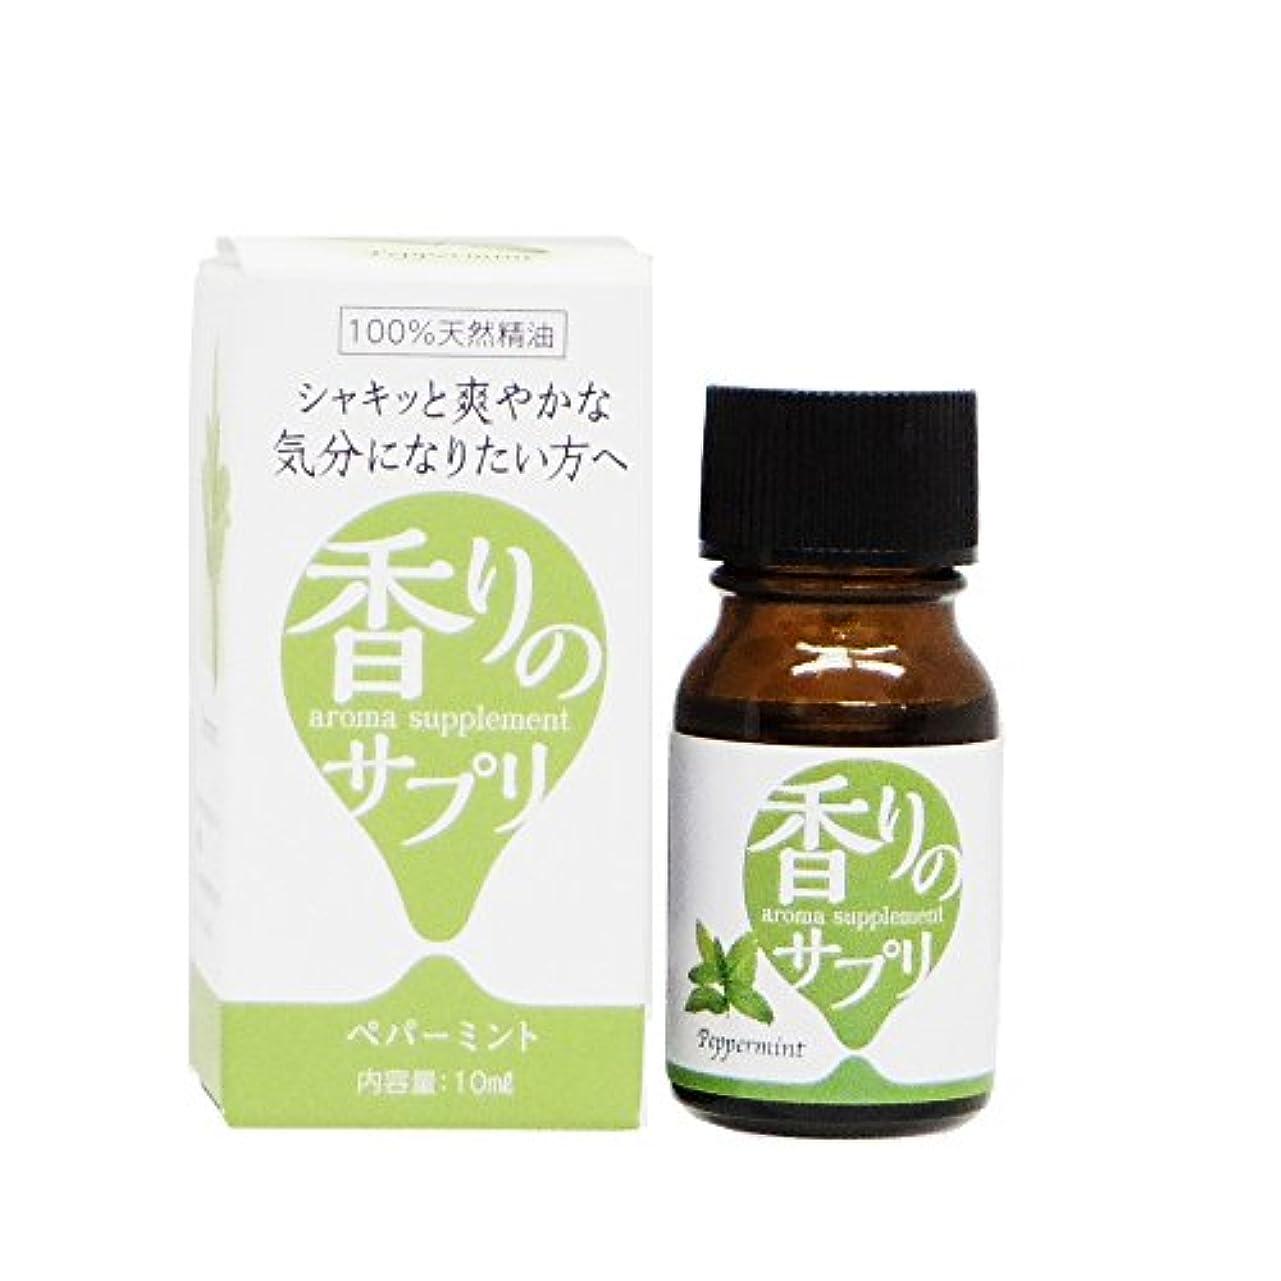 のヒープ最小化する祈る香りのサプリ ペパーミント エッセンシャルオイル10ml 384218